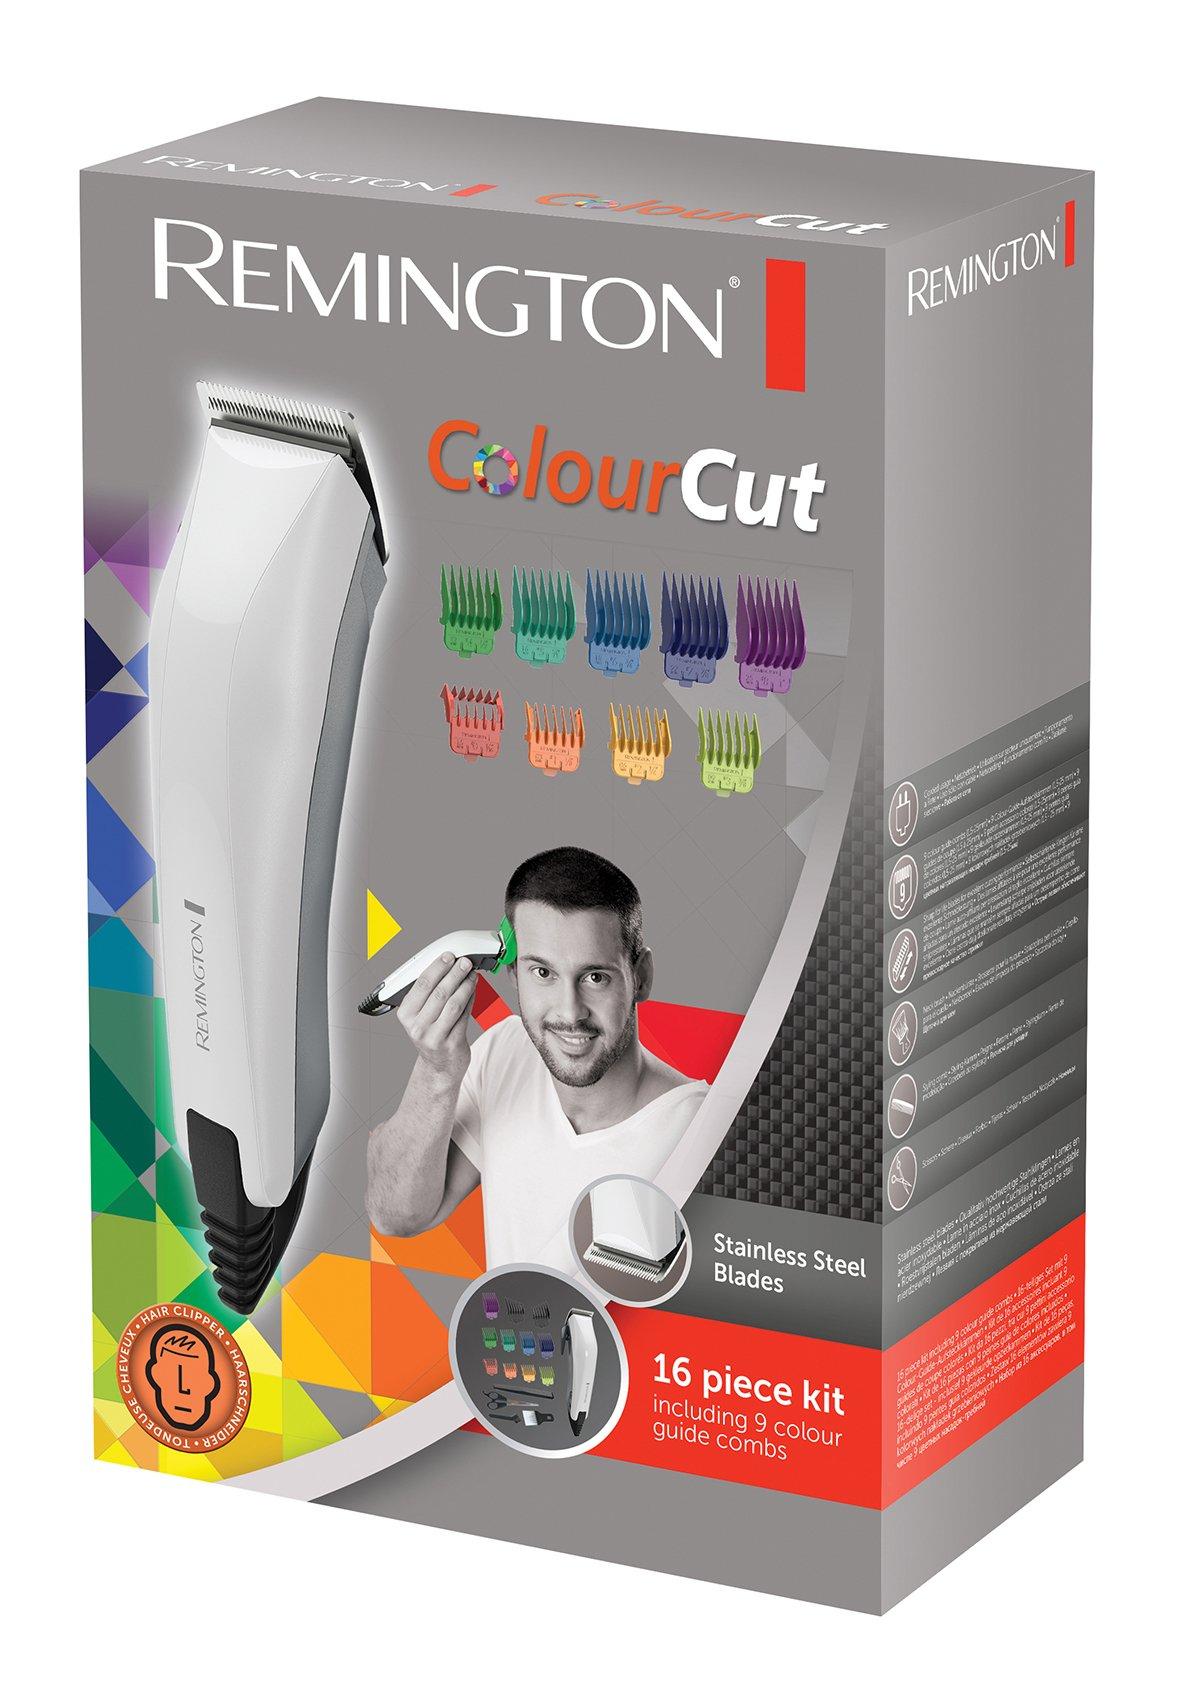 Remington Colour Cut Hair Clippers